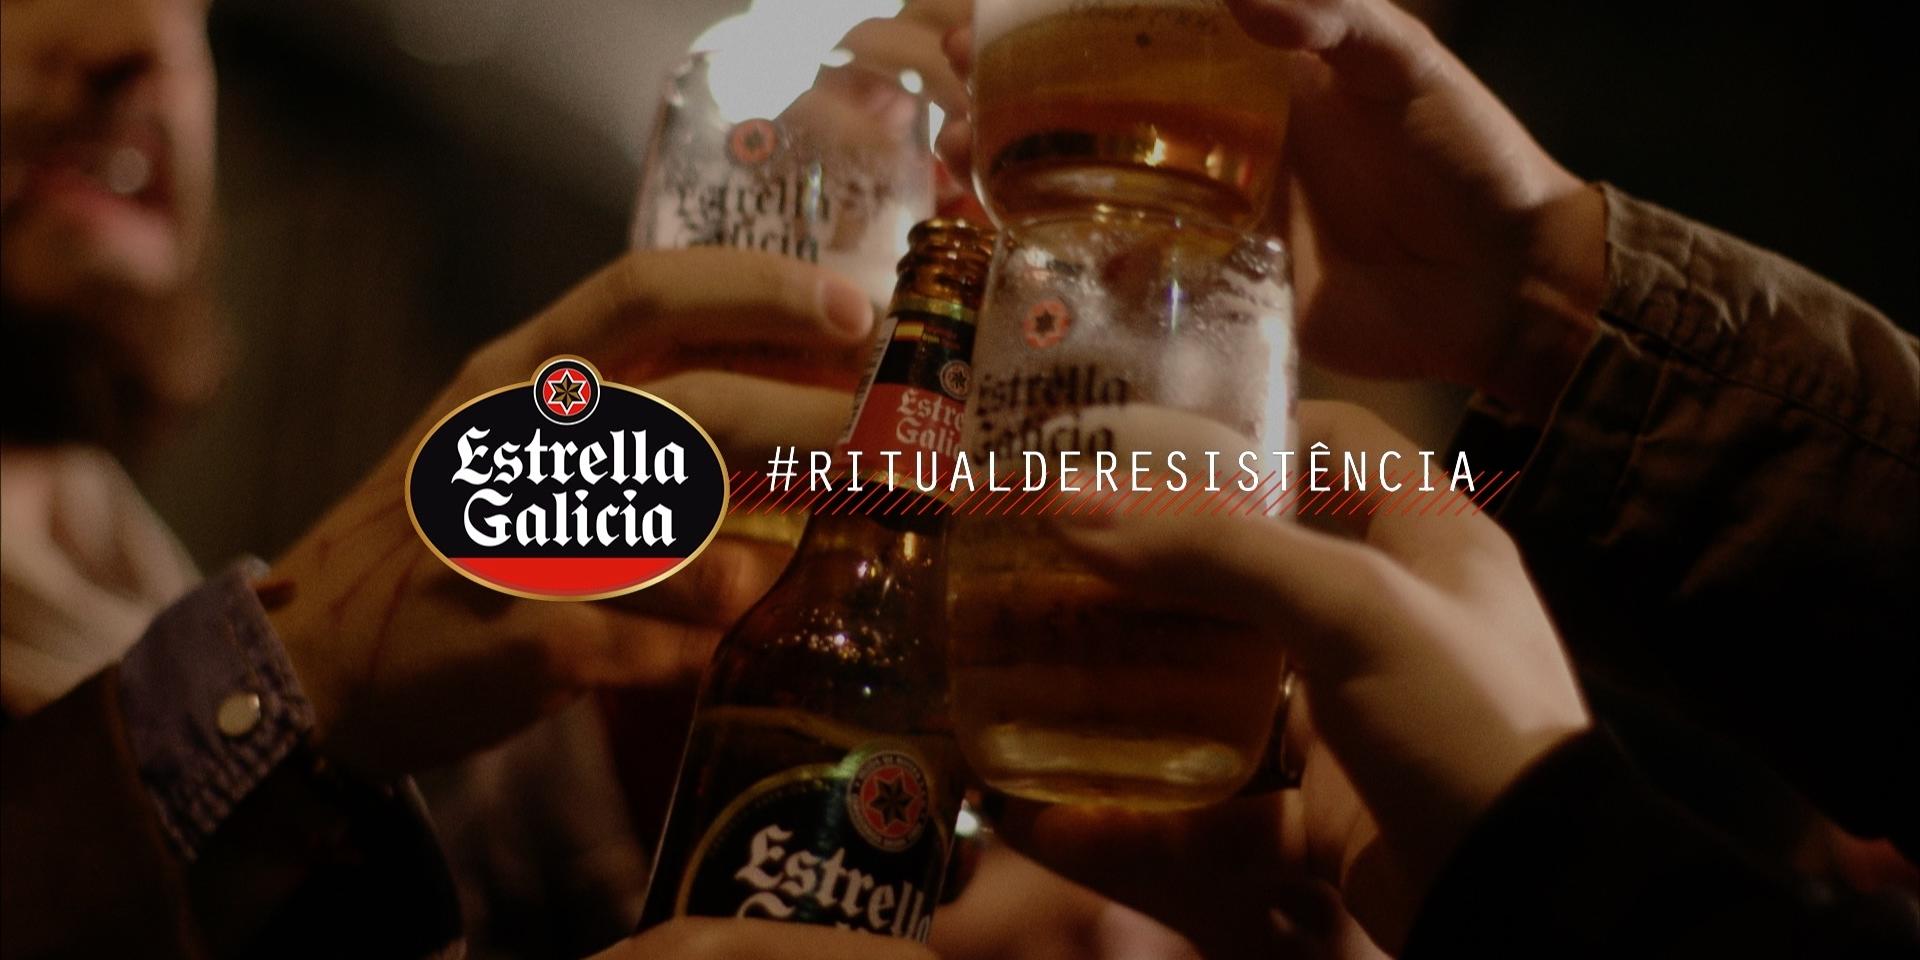 ESTRELLA GALICIA – #RITUAISDERESISTENCIA